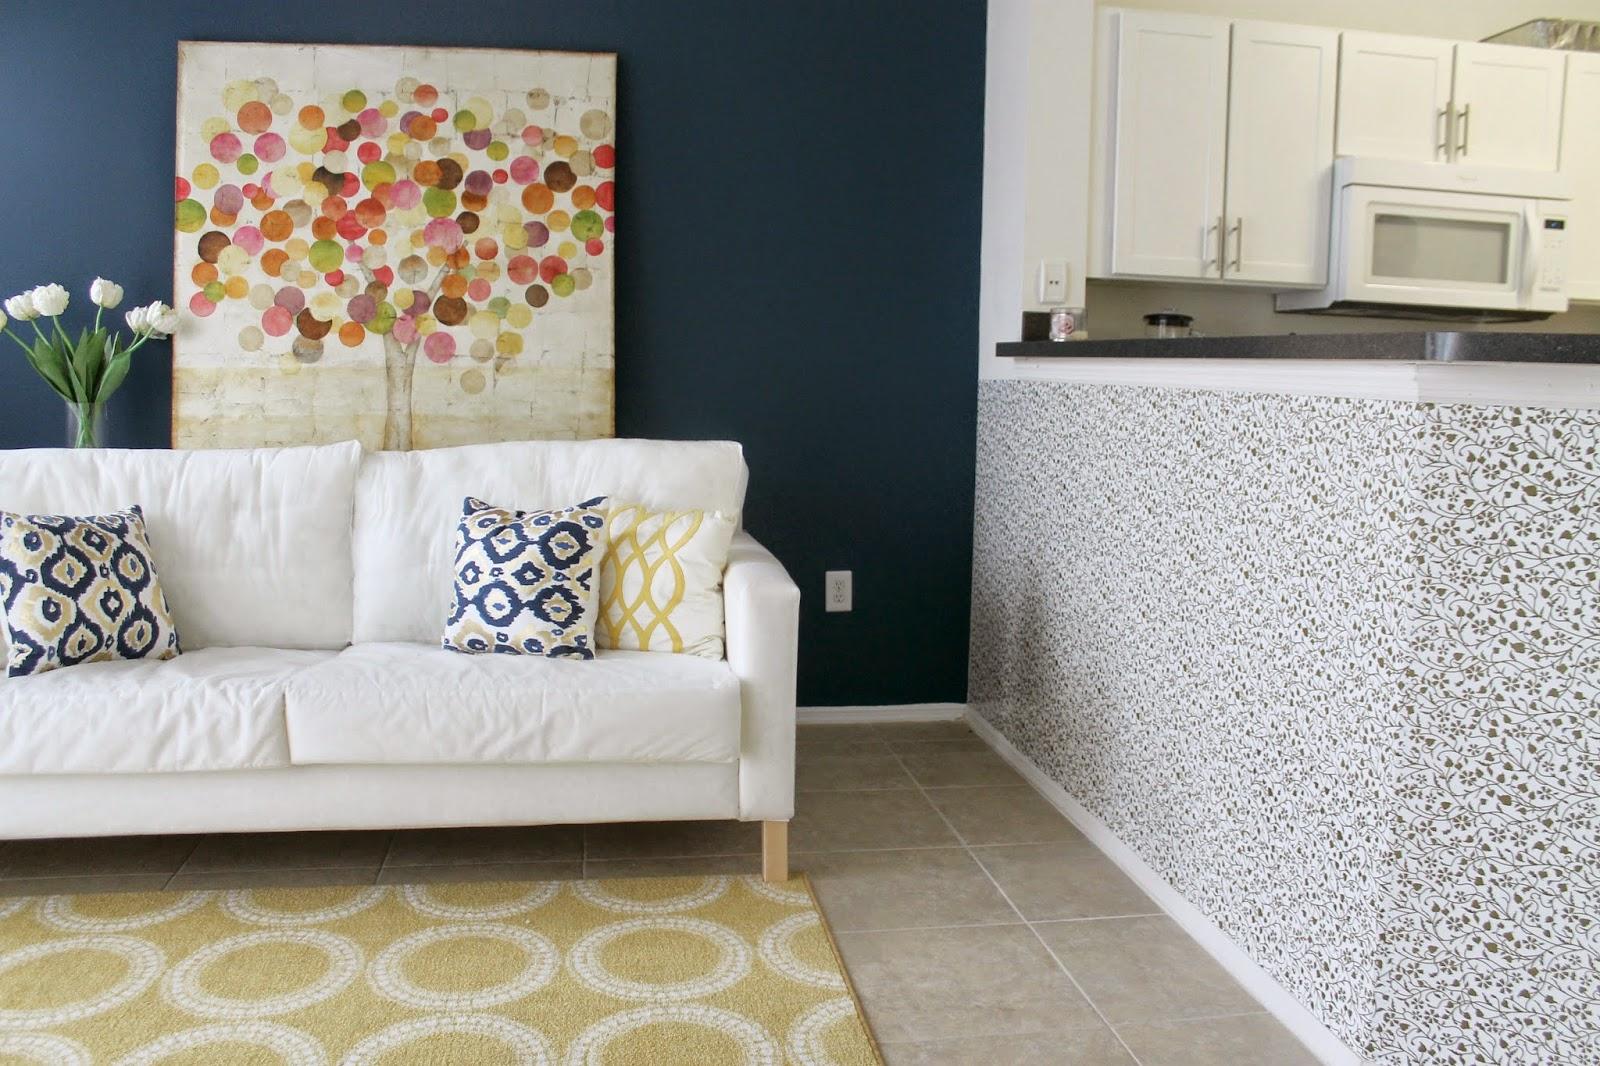 Casa Montada Papel Contact decora (e protege) a bancada da cozinha integrada # Bancada Para Cozinha Onde Comprar